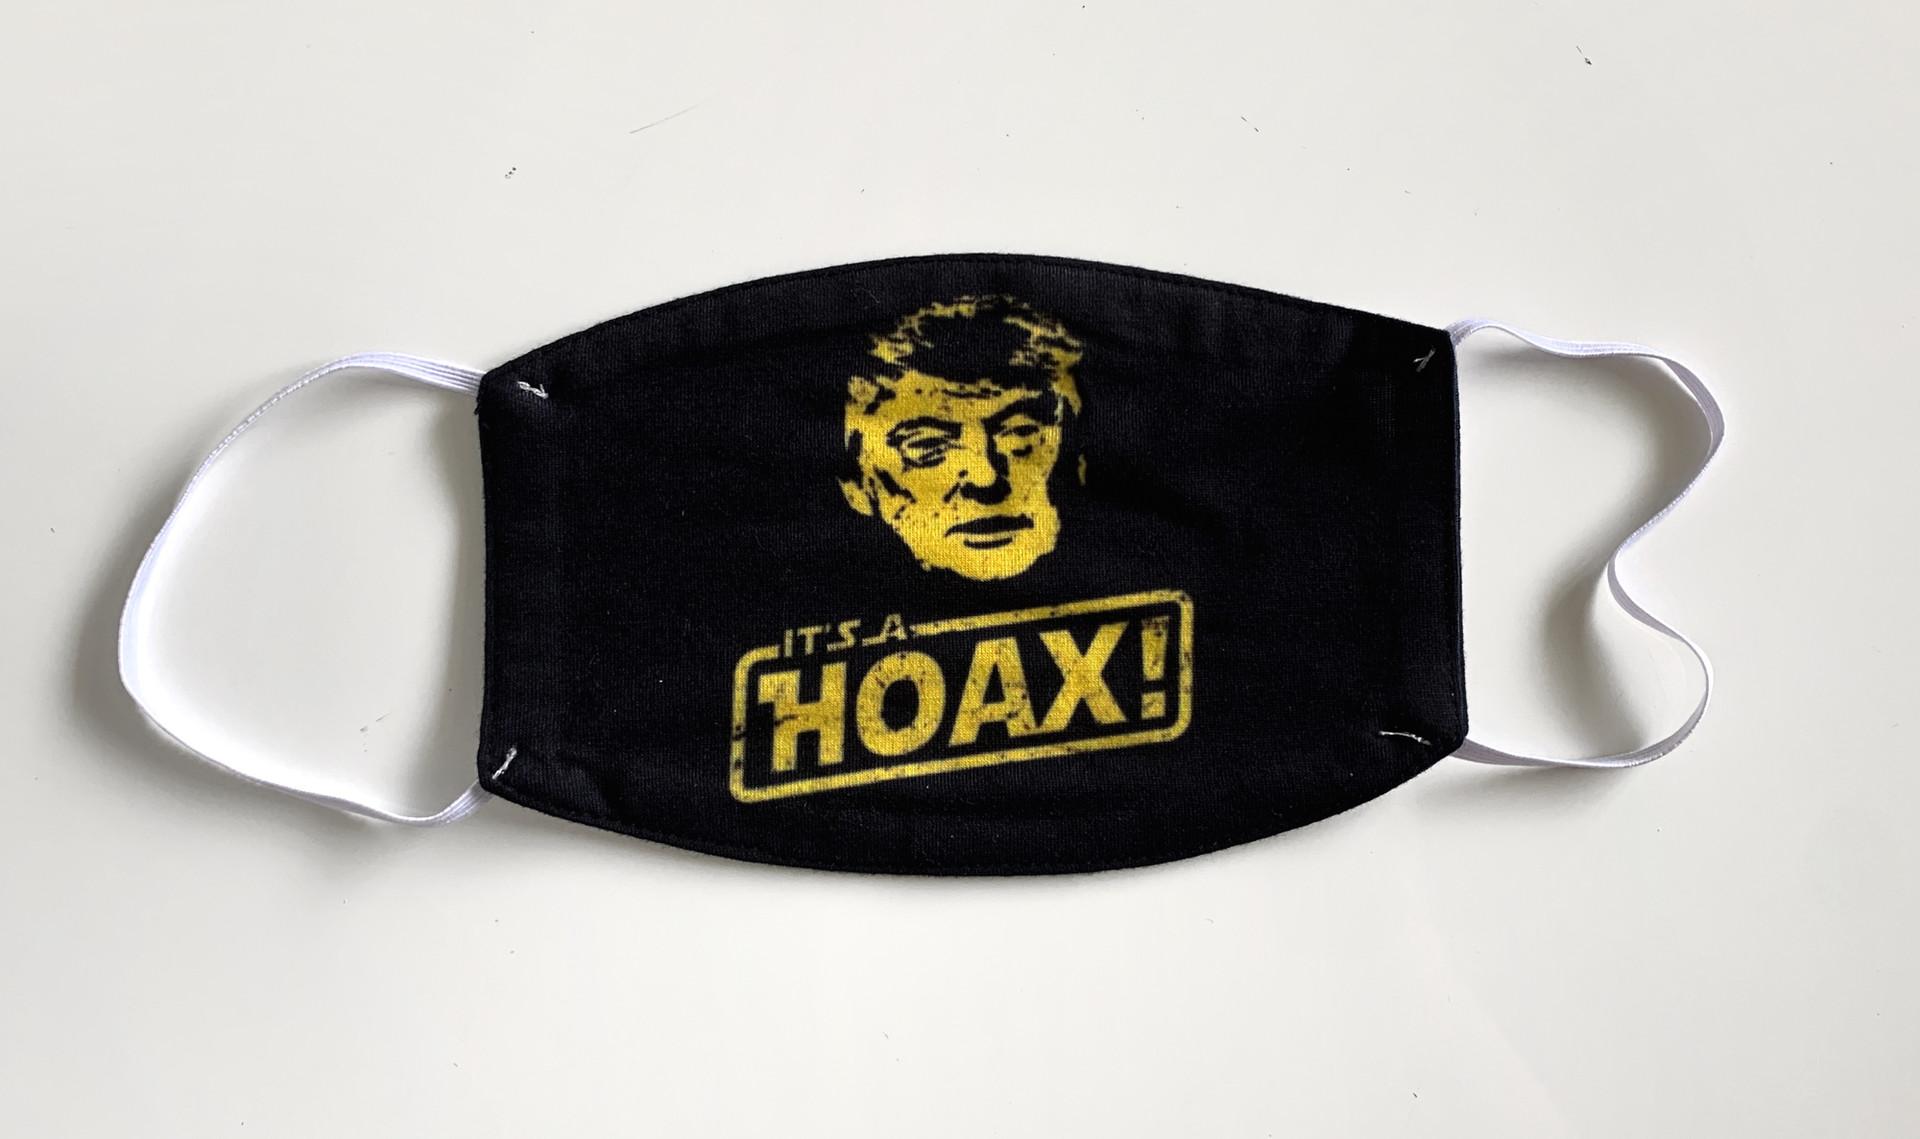 It's a Hoax! (Trump)